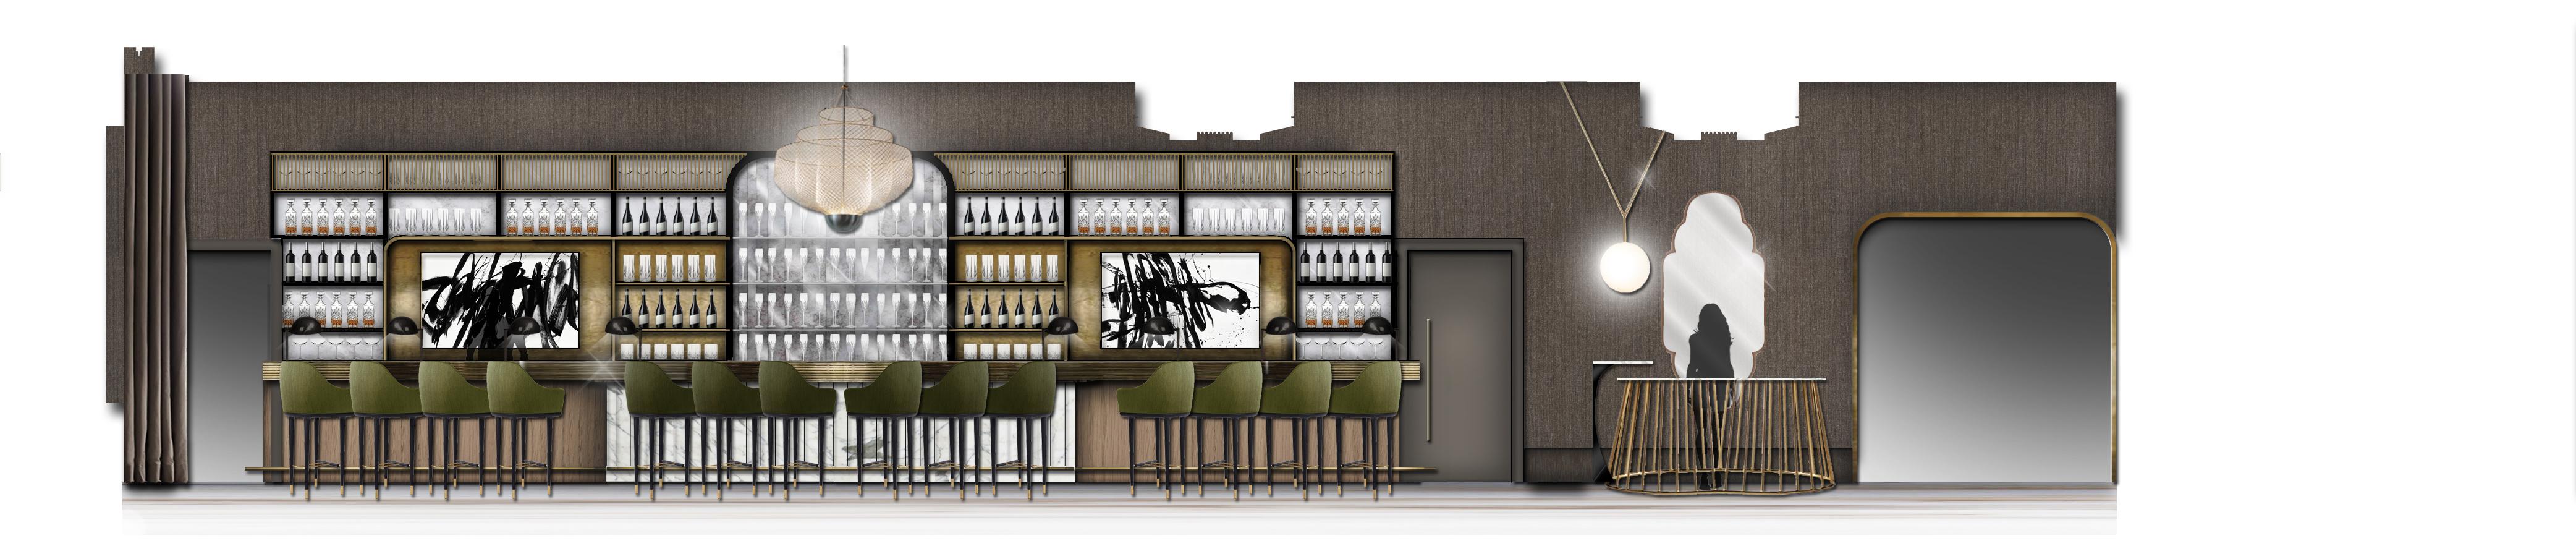 A rendering of the bar at Circa at The Gwen